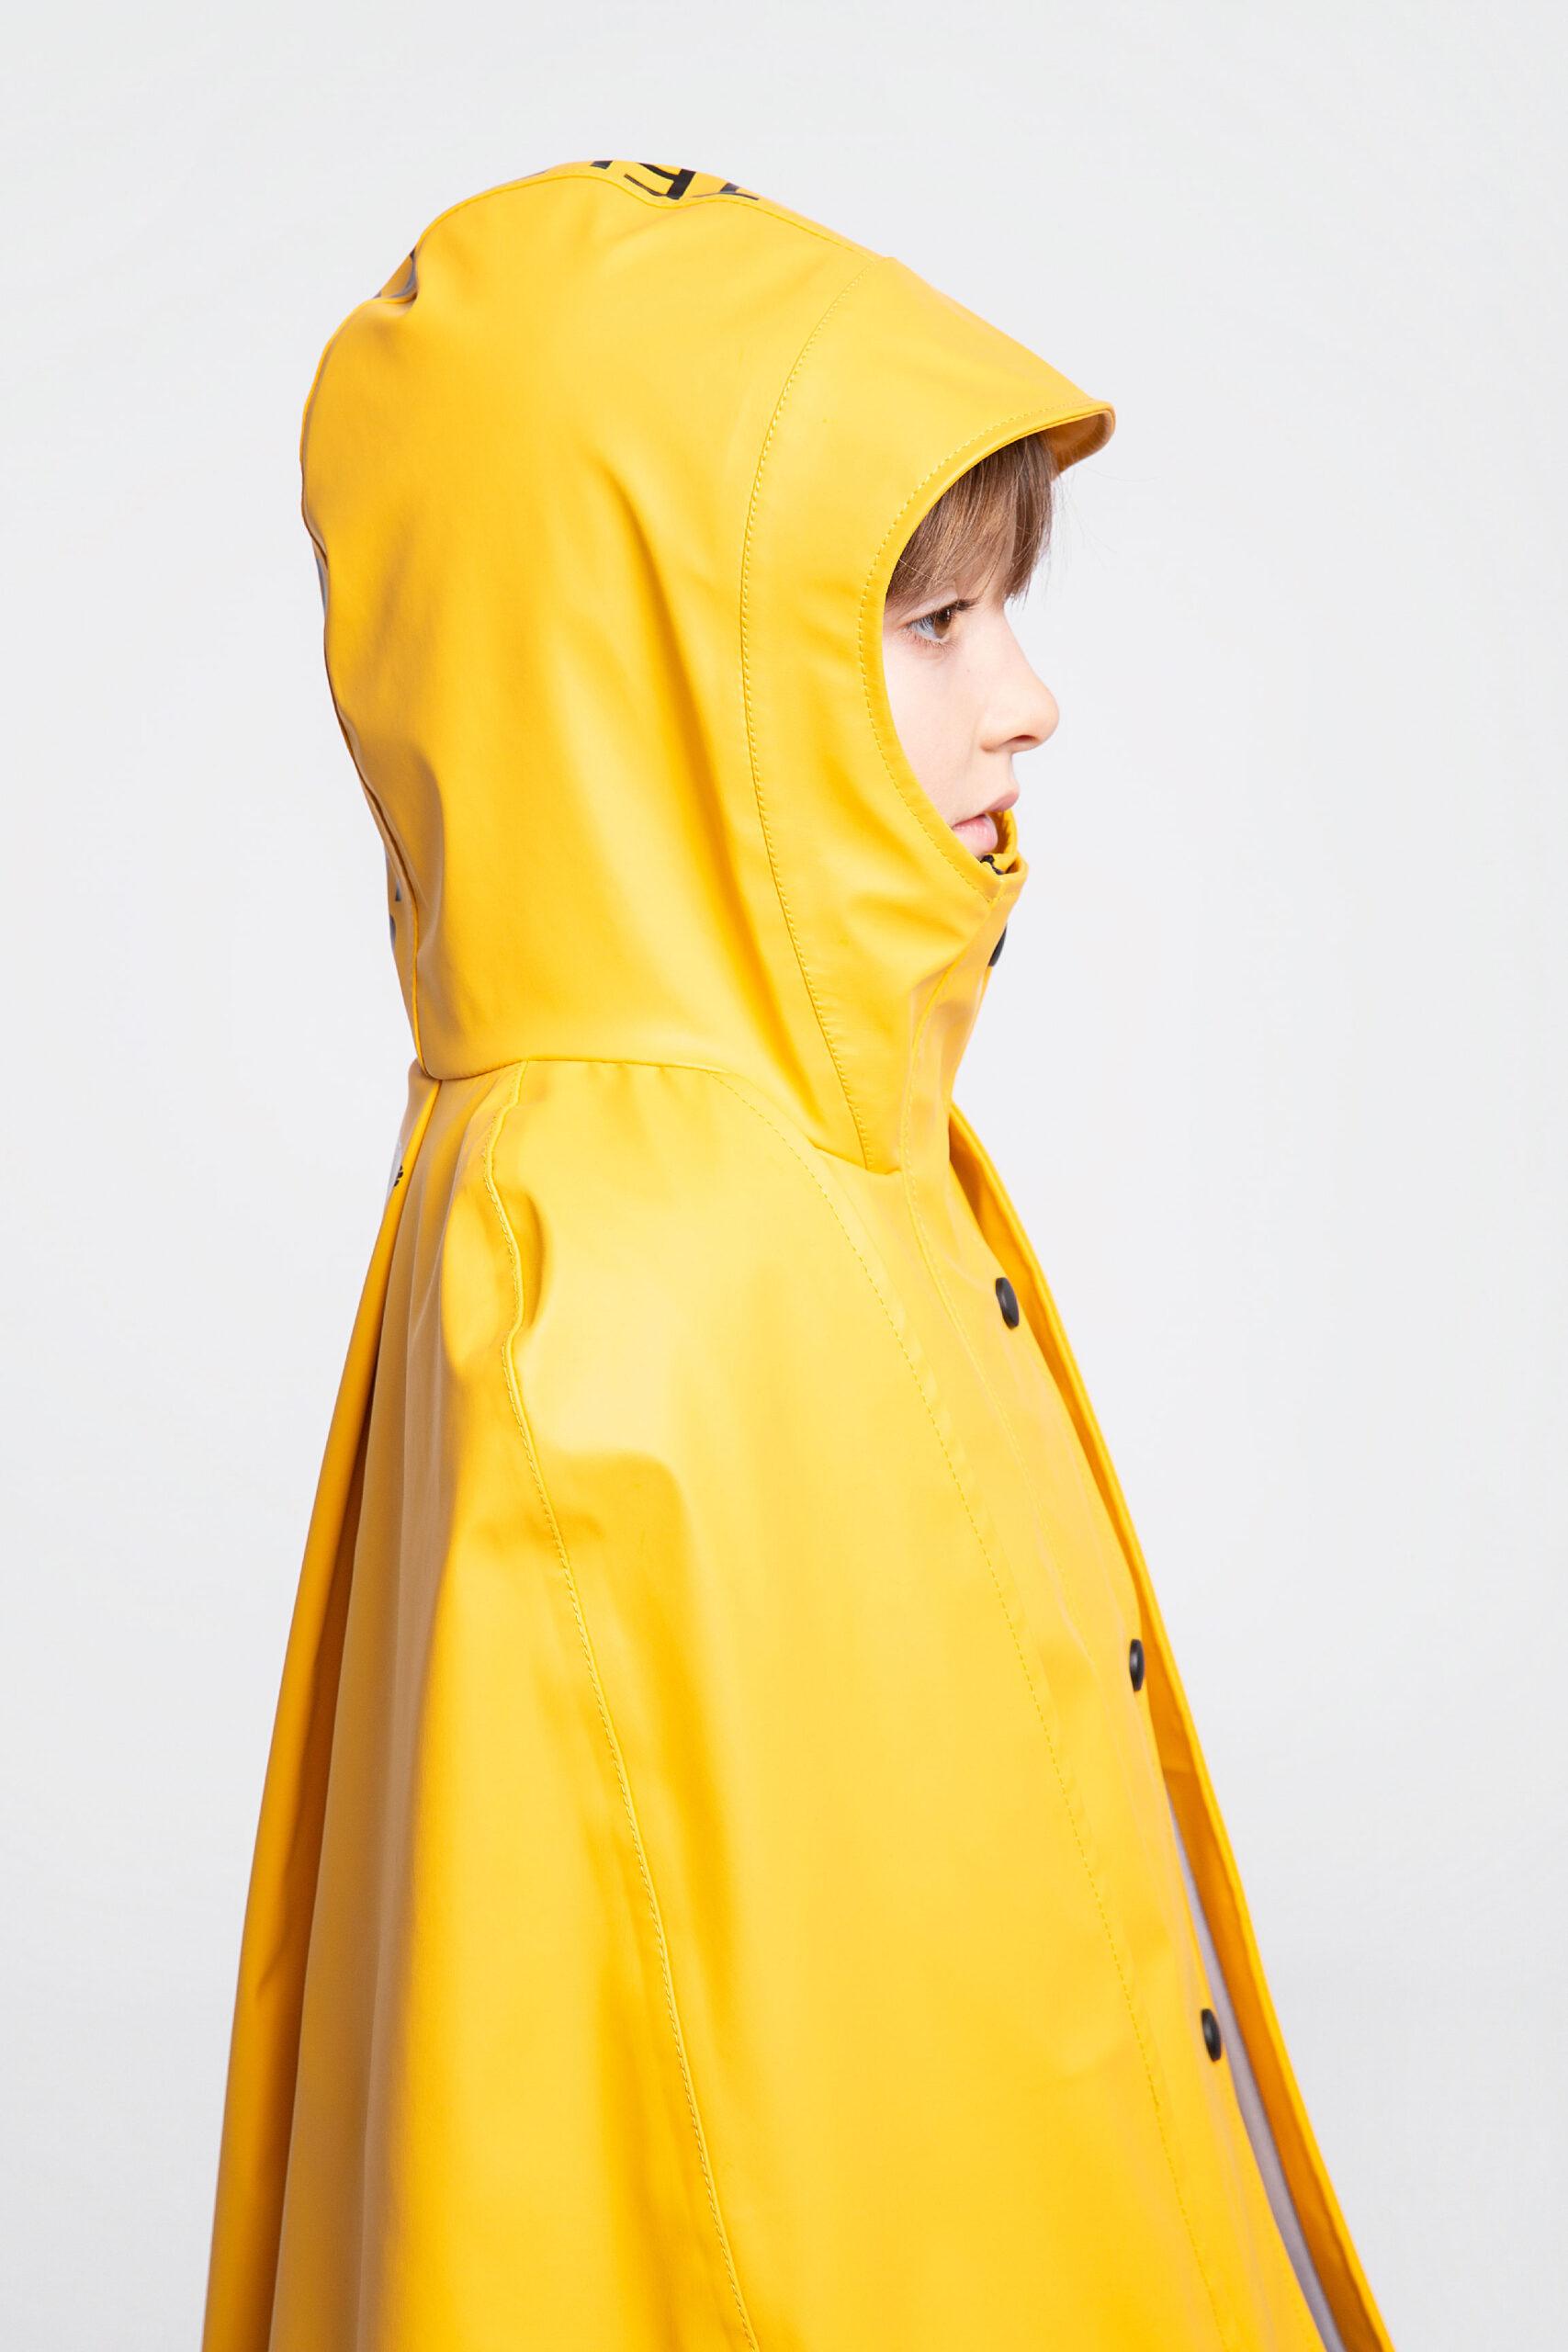 Дитячий Дощовик-Пончо Гідроплан. Колір жовтий. 7.